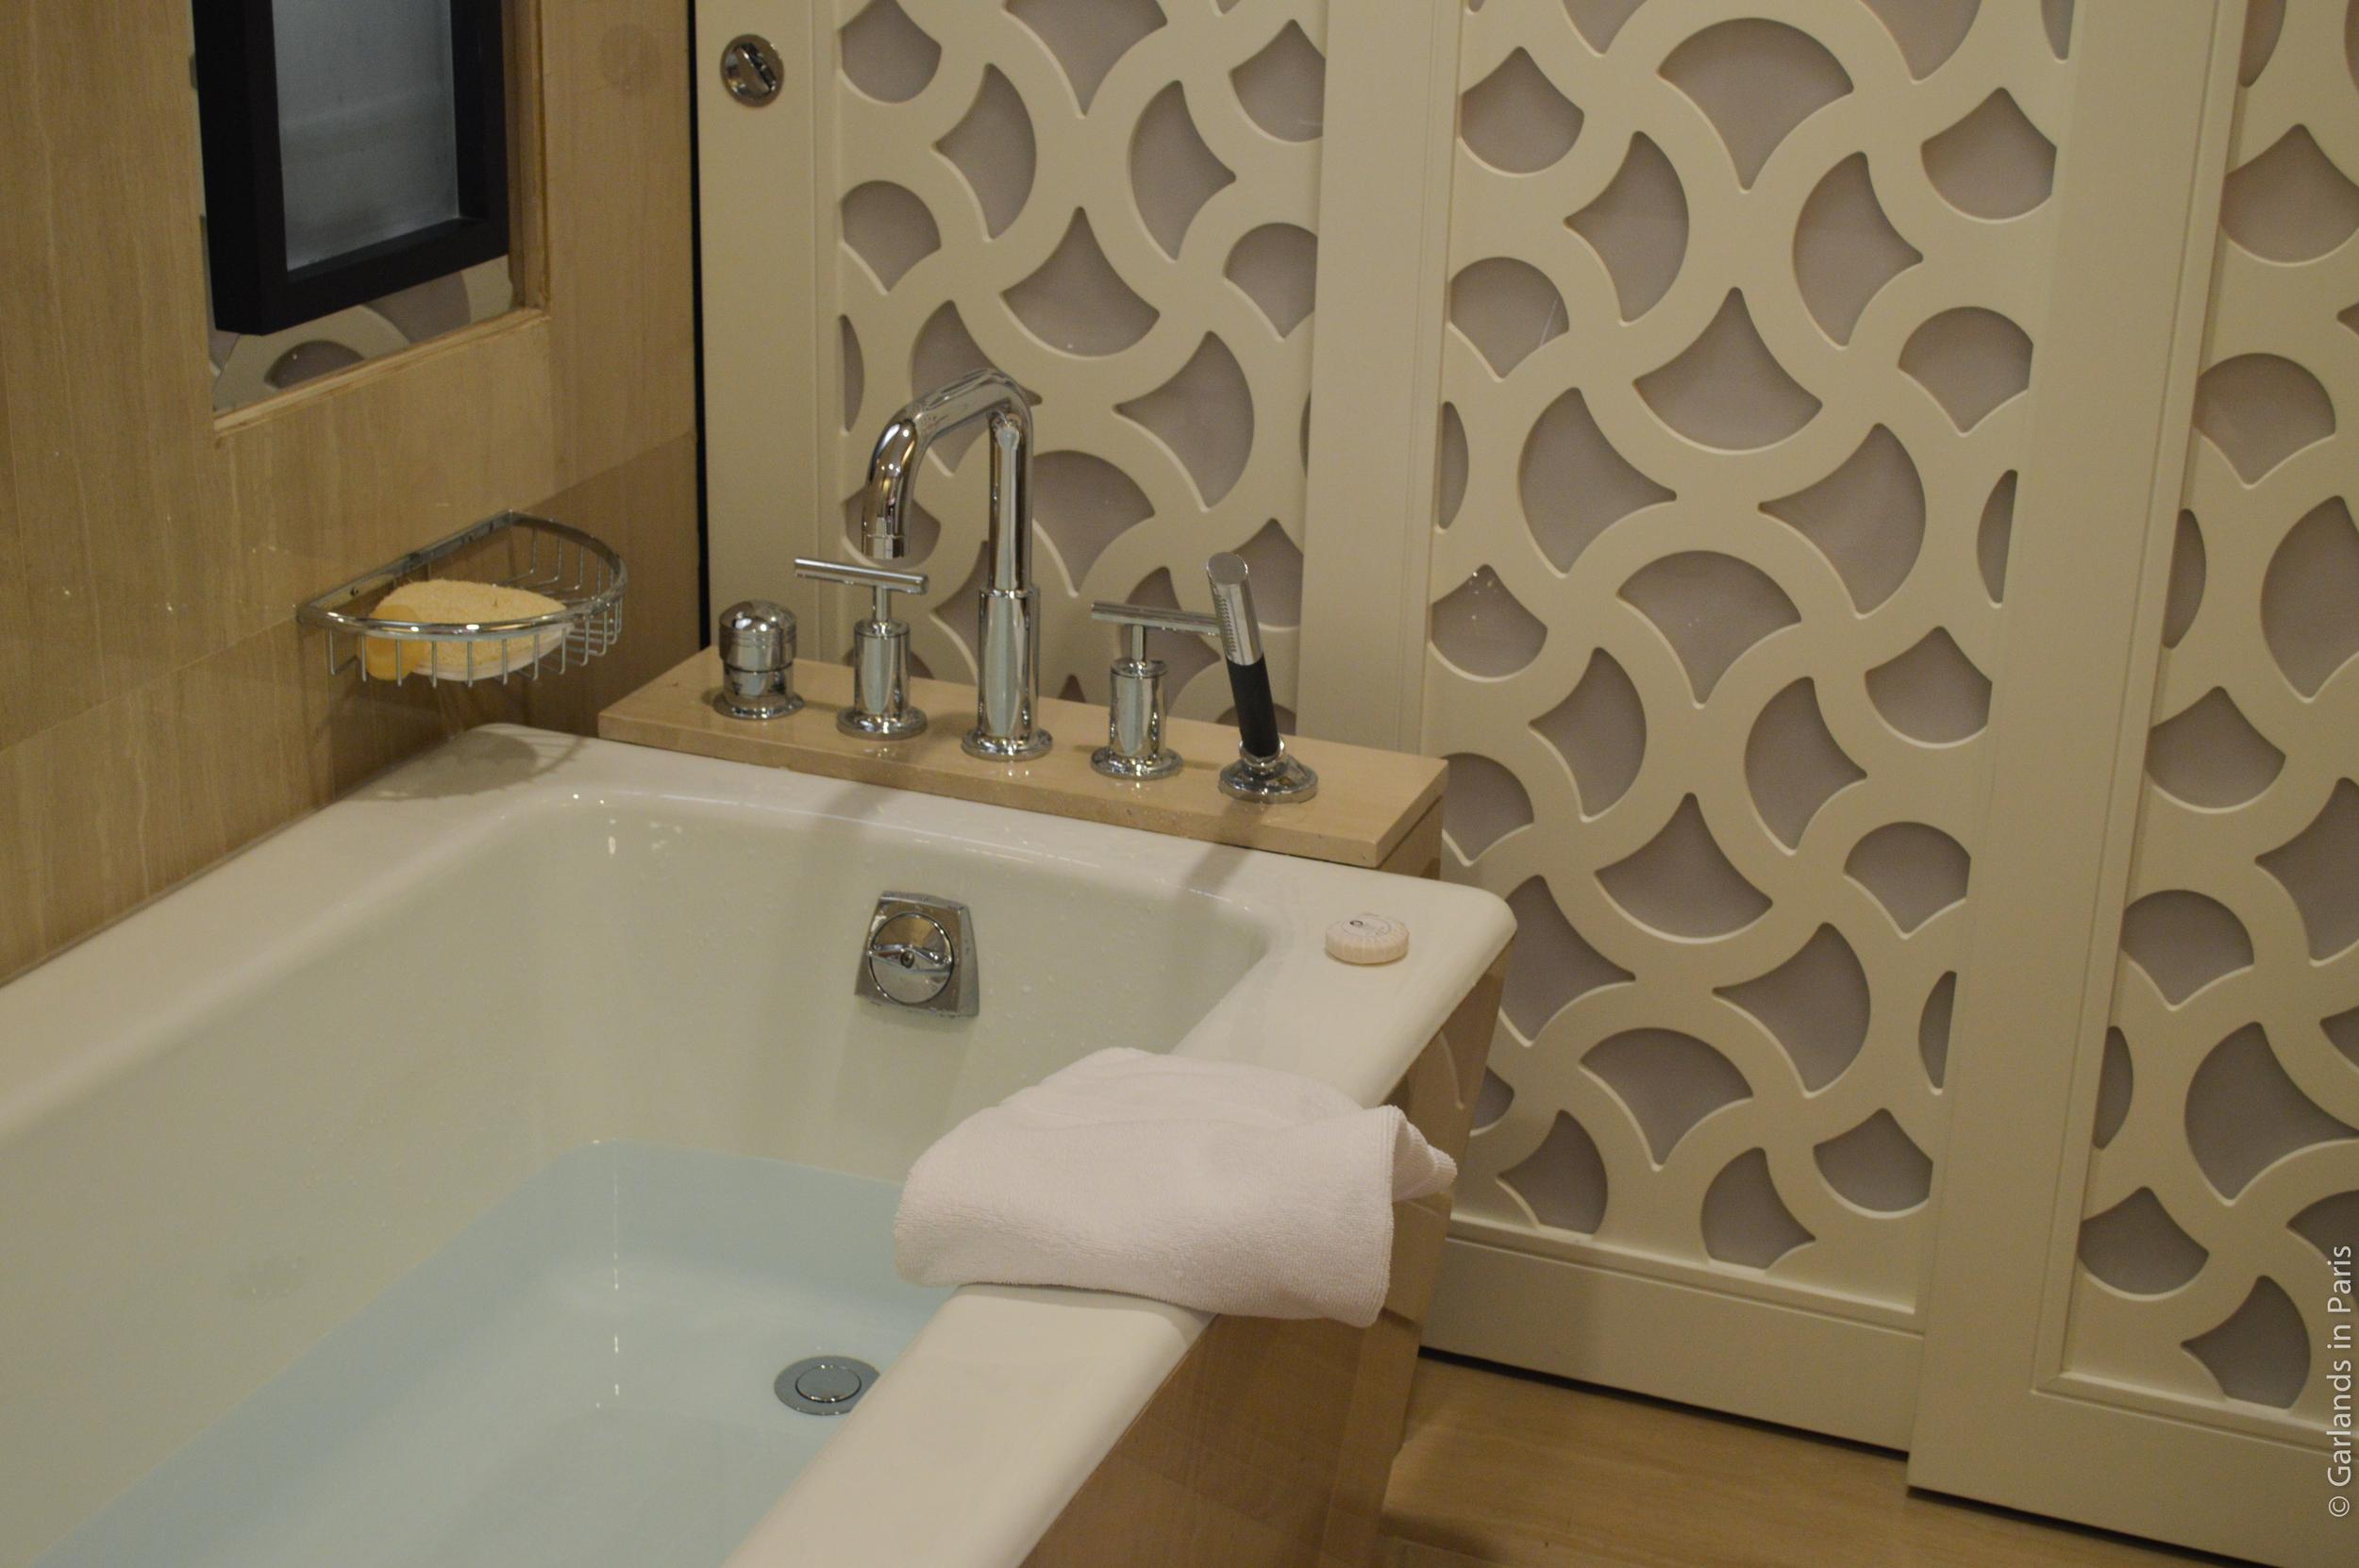 Abu Dhabi bathtub